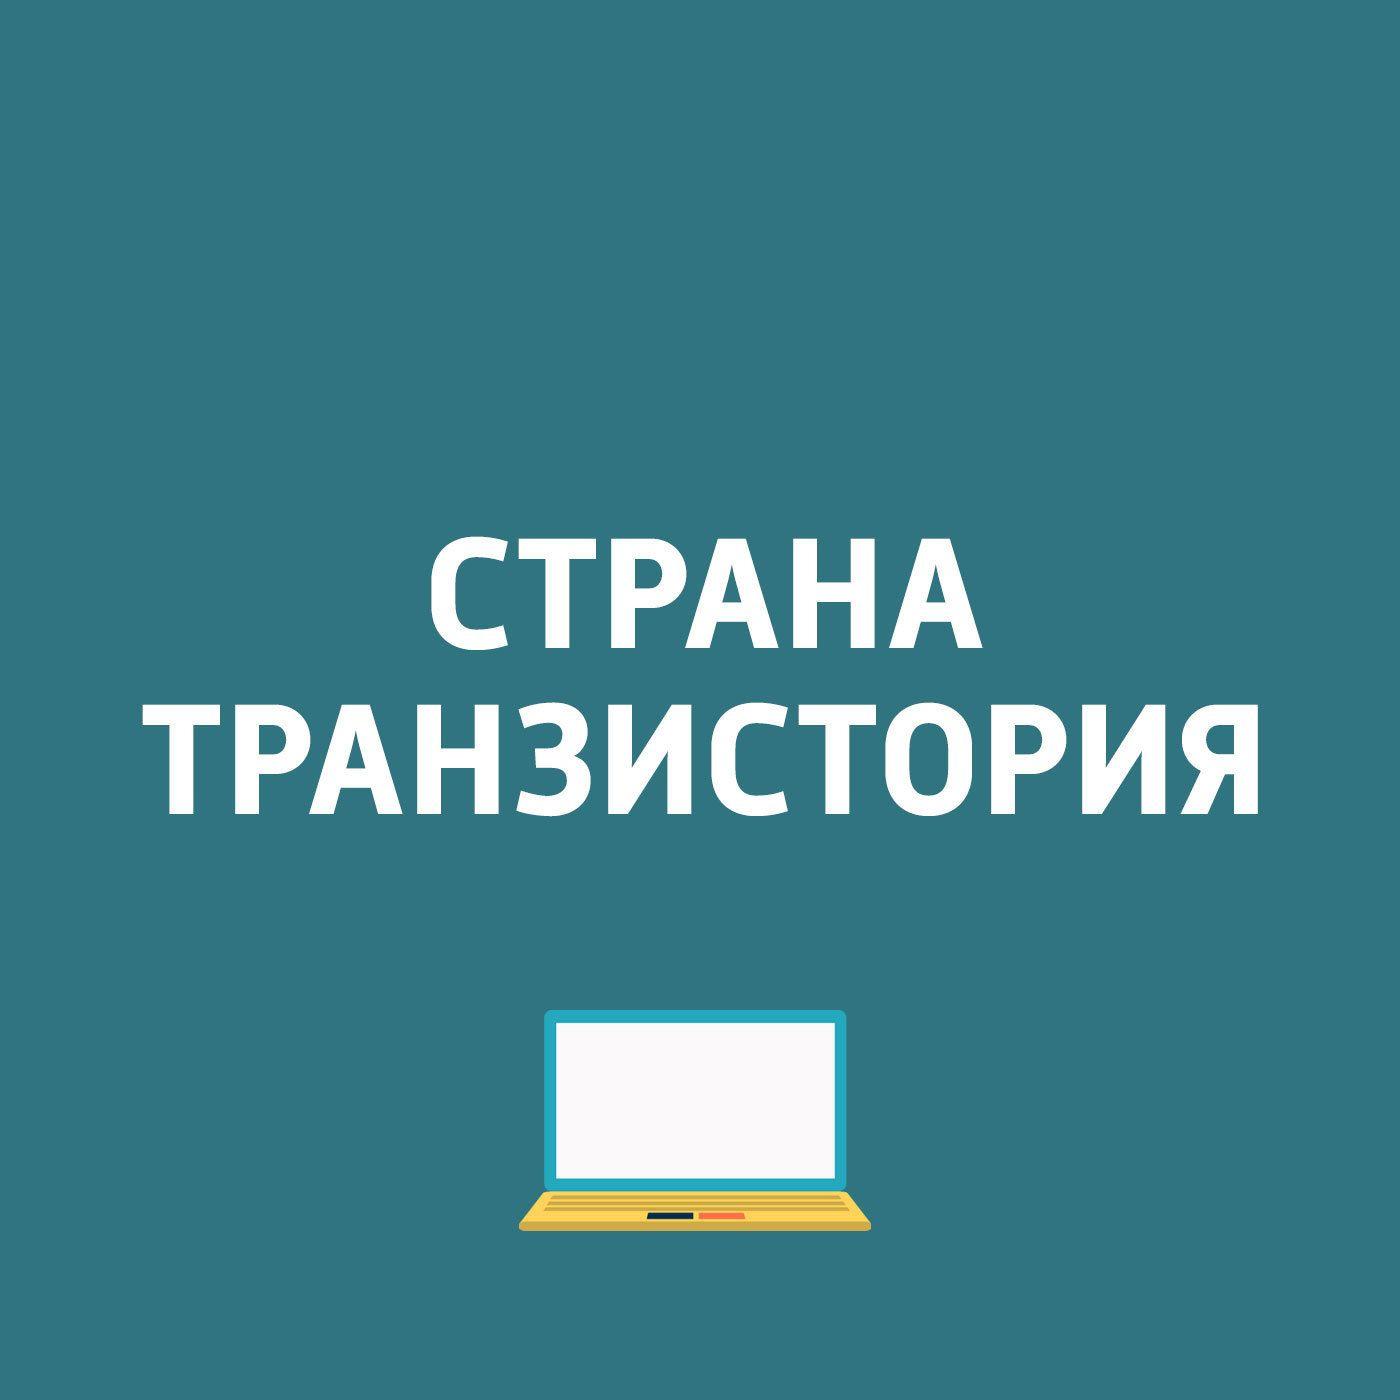 Картаев Павел YouTube объявил об изменении политики размещения контента картаев павел hmd получила контроль над брендом nokia смартфоны дебютируют в 2017 году